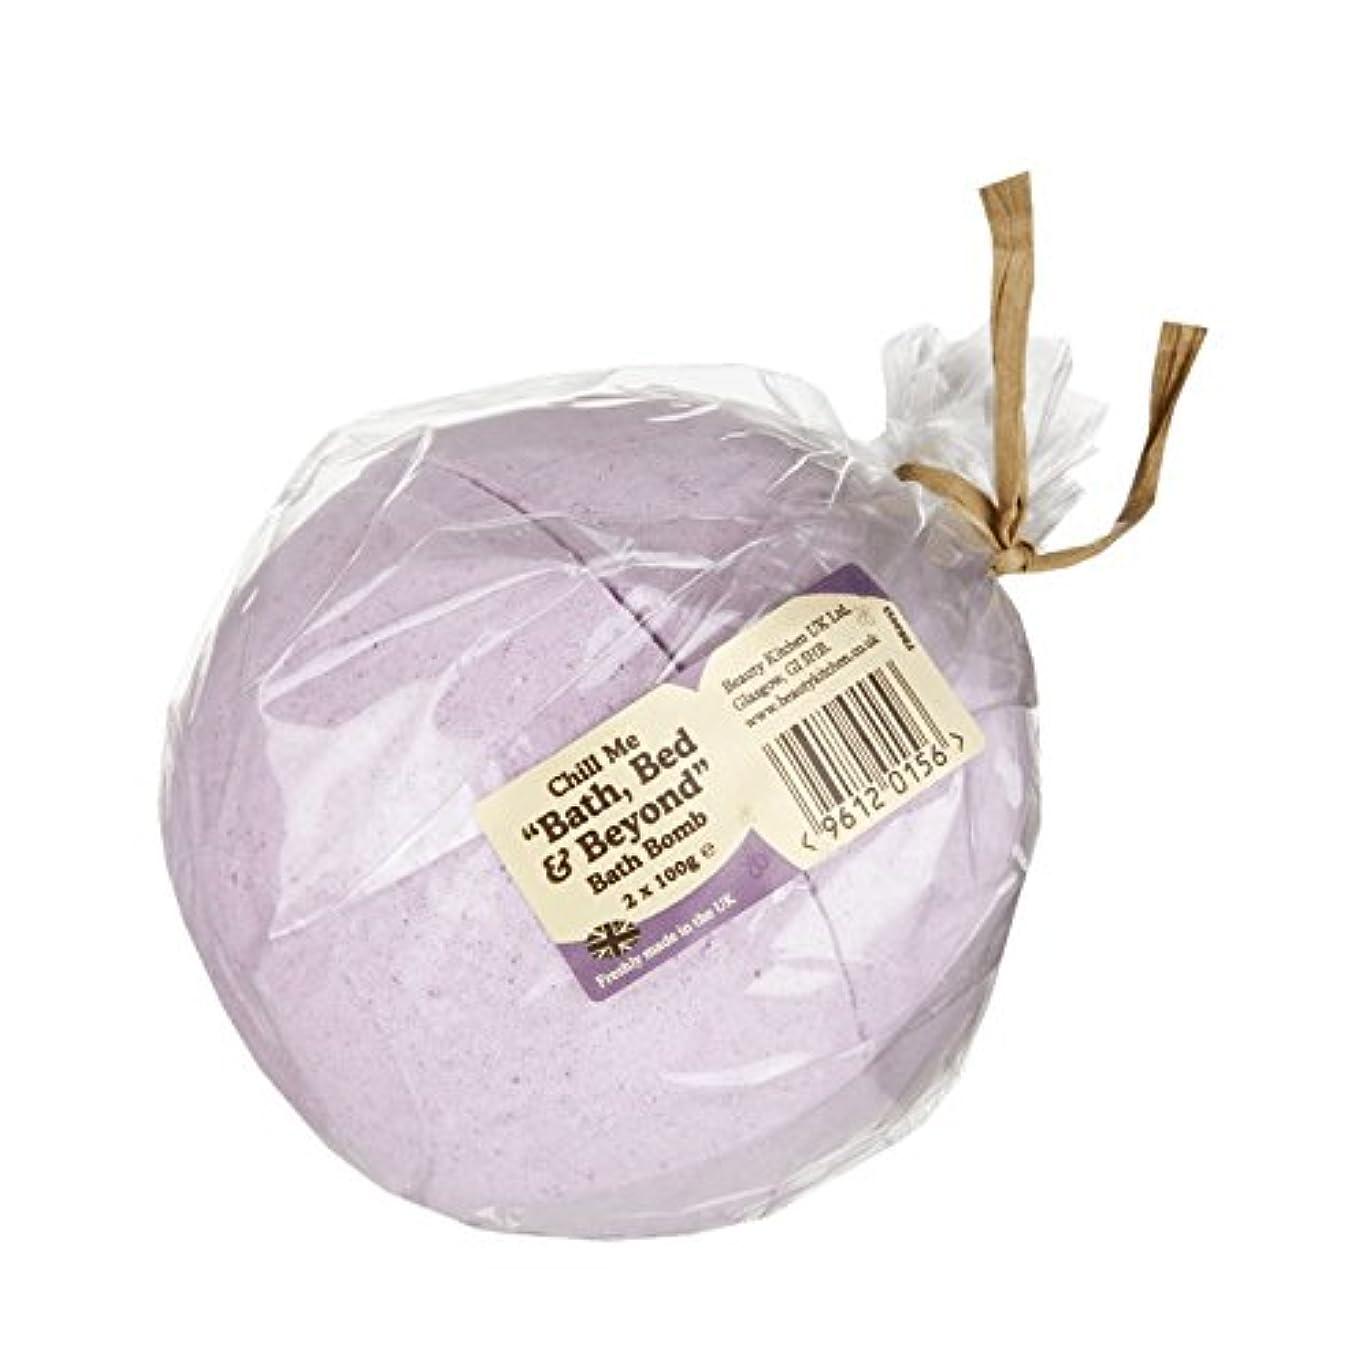 弱まる納屋ズームBeauty Kitchen Chill Me Bath, Bed & Beyond Bath Bomb 2 x 100g (Pack of 2) - 美しさのキッチンには、バスタブ、ベッド&バス爆弾2×100グラムを超...